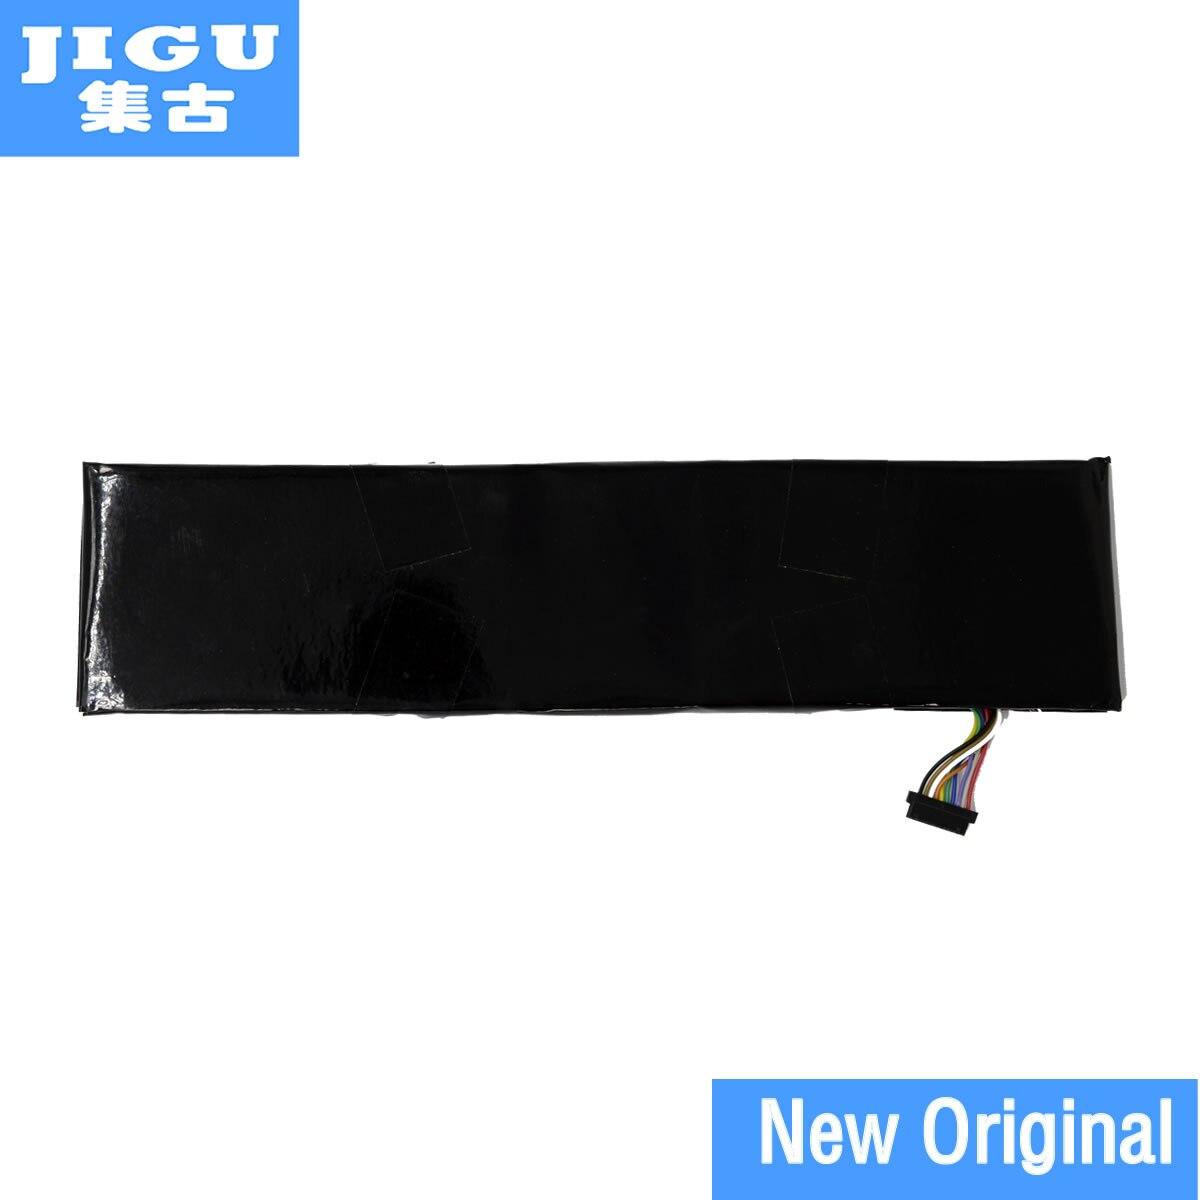 JIGU Original laptop battery AP31-1008HA AP32-1008HA FOR ASUS EEE PC 1008 1008H 1008HA 10.95v 31wh new original for asus epc 1005ha 1001ha 1002 1008ha traditional keyboard